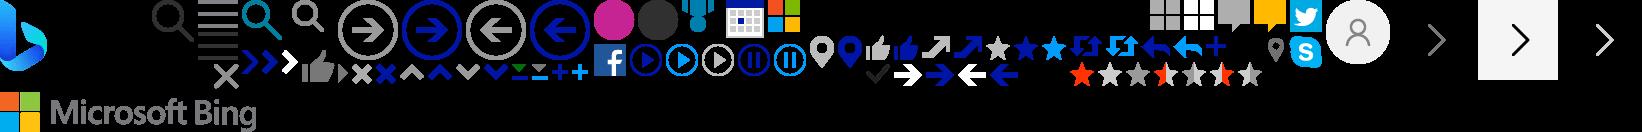 Bing y su diseño